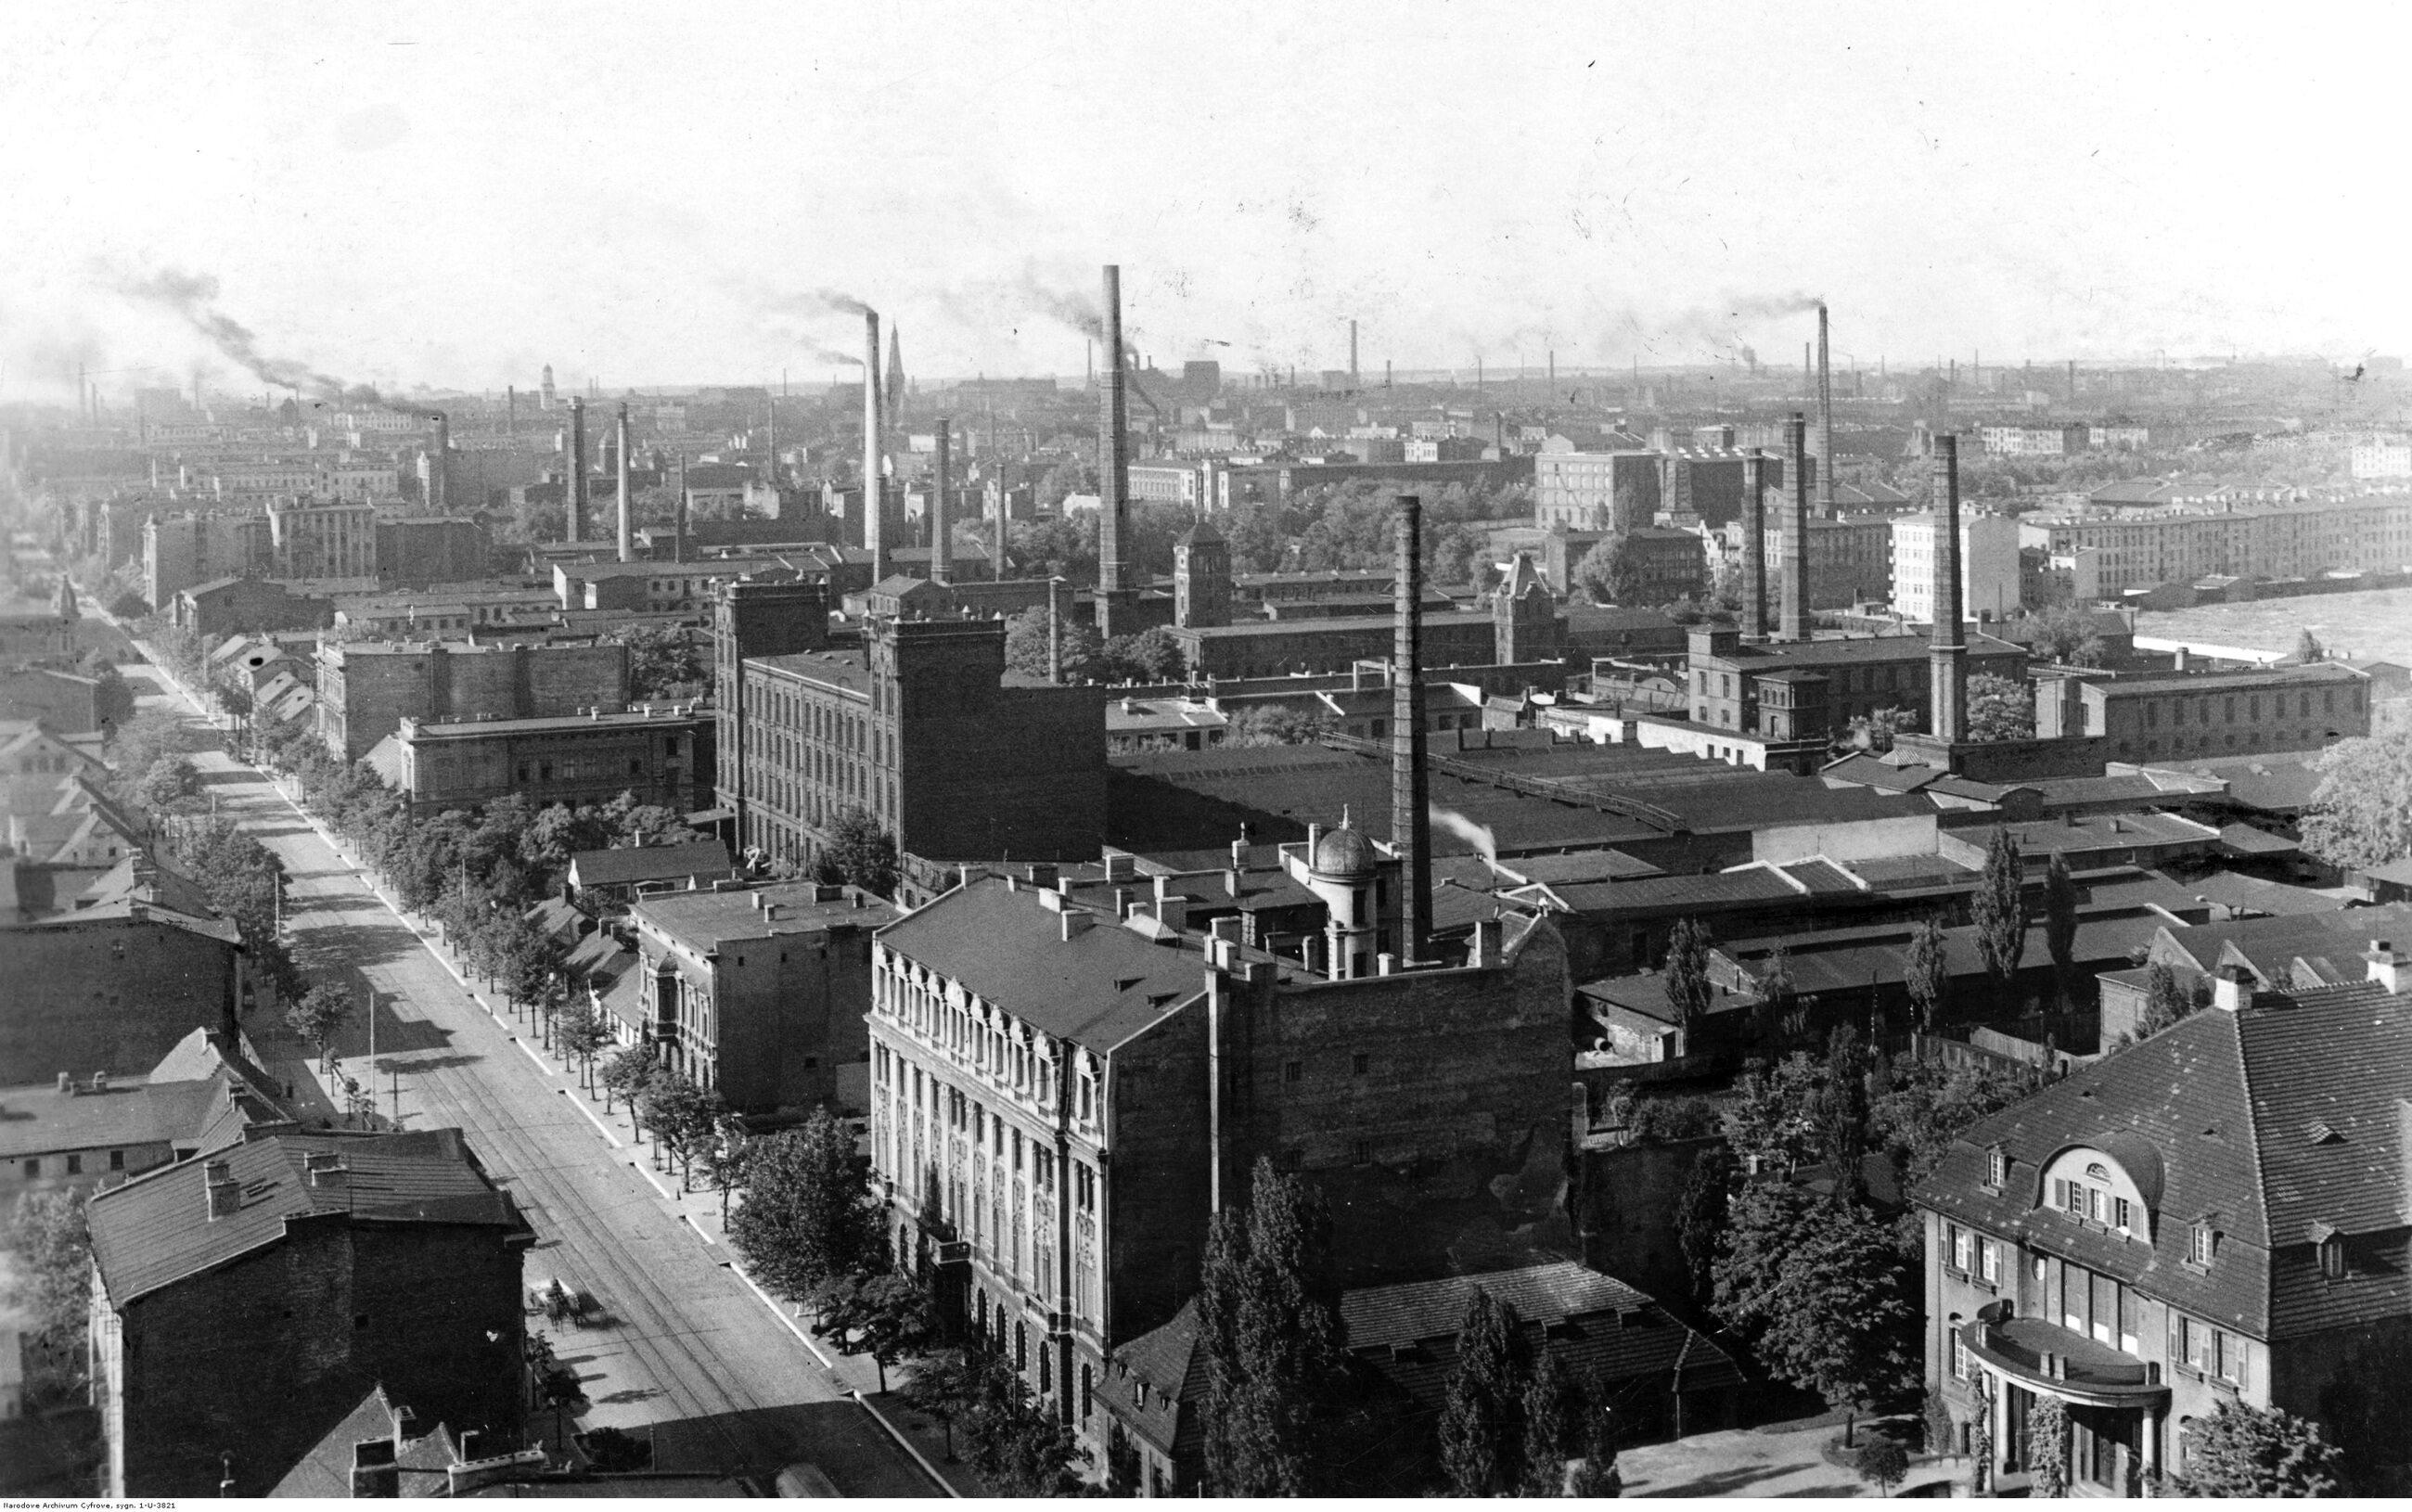 Łódź Według danych z 1930 i 1931 r., pod względem liczby ludności Łódź była 32. miastem w Europie. Liczyła wówczas 605 tys. mieszkańców - więcej niż Turyn, Lizbona, Sztokholm, Rotterdam czy Lyon. Łódź była jednak nieco mniejsza od Wrocławia, który znajdował się wówczas w granicach Niemiec. Współcześnie miasto zamieszkuje niewiele więcej ludzi niż przed wojną. Liczba ludności w 1939 r.: 672 tys., obecnie: 697 tys.